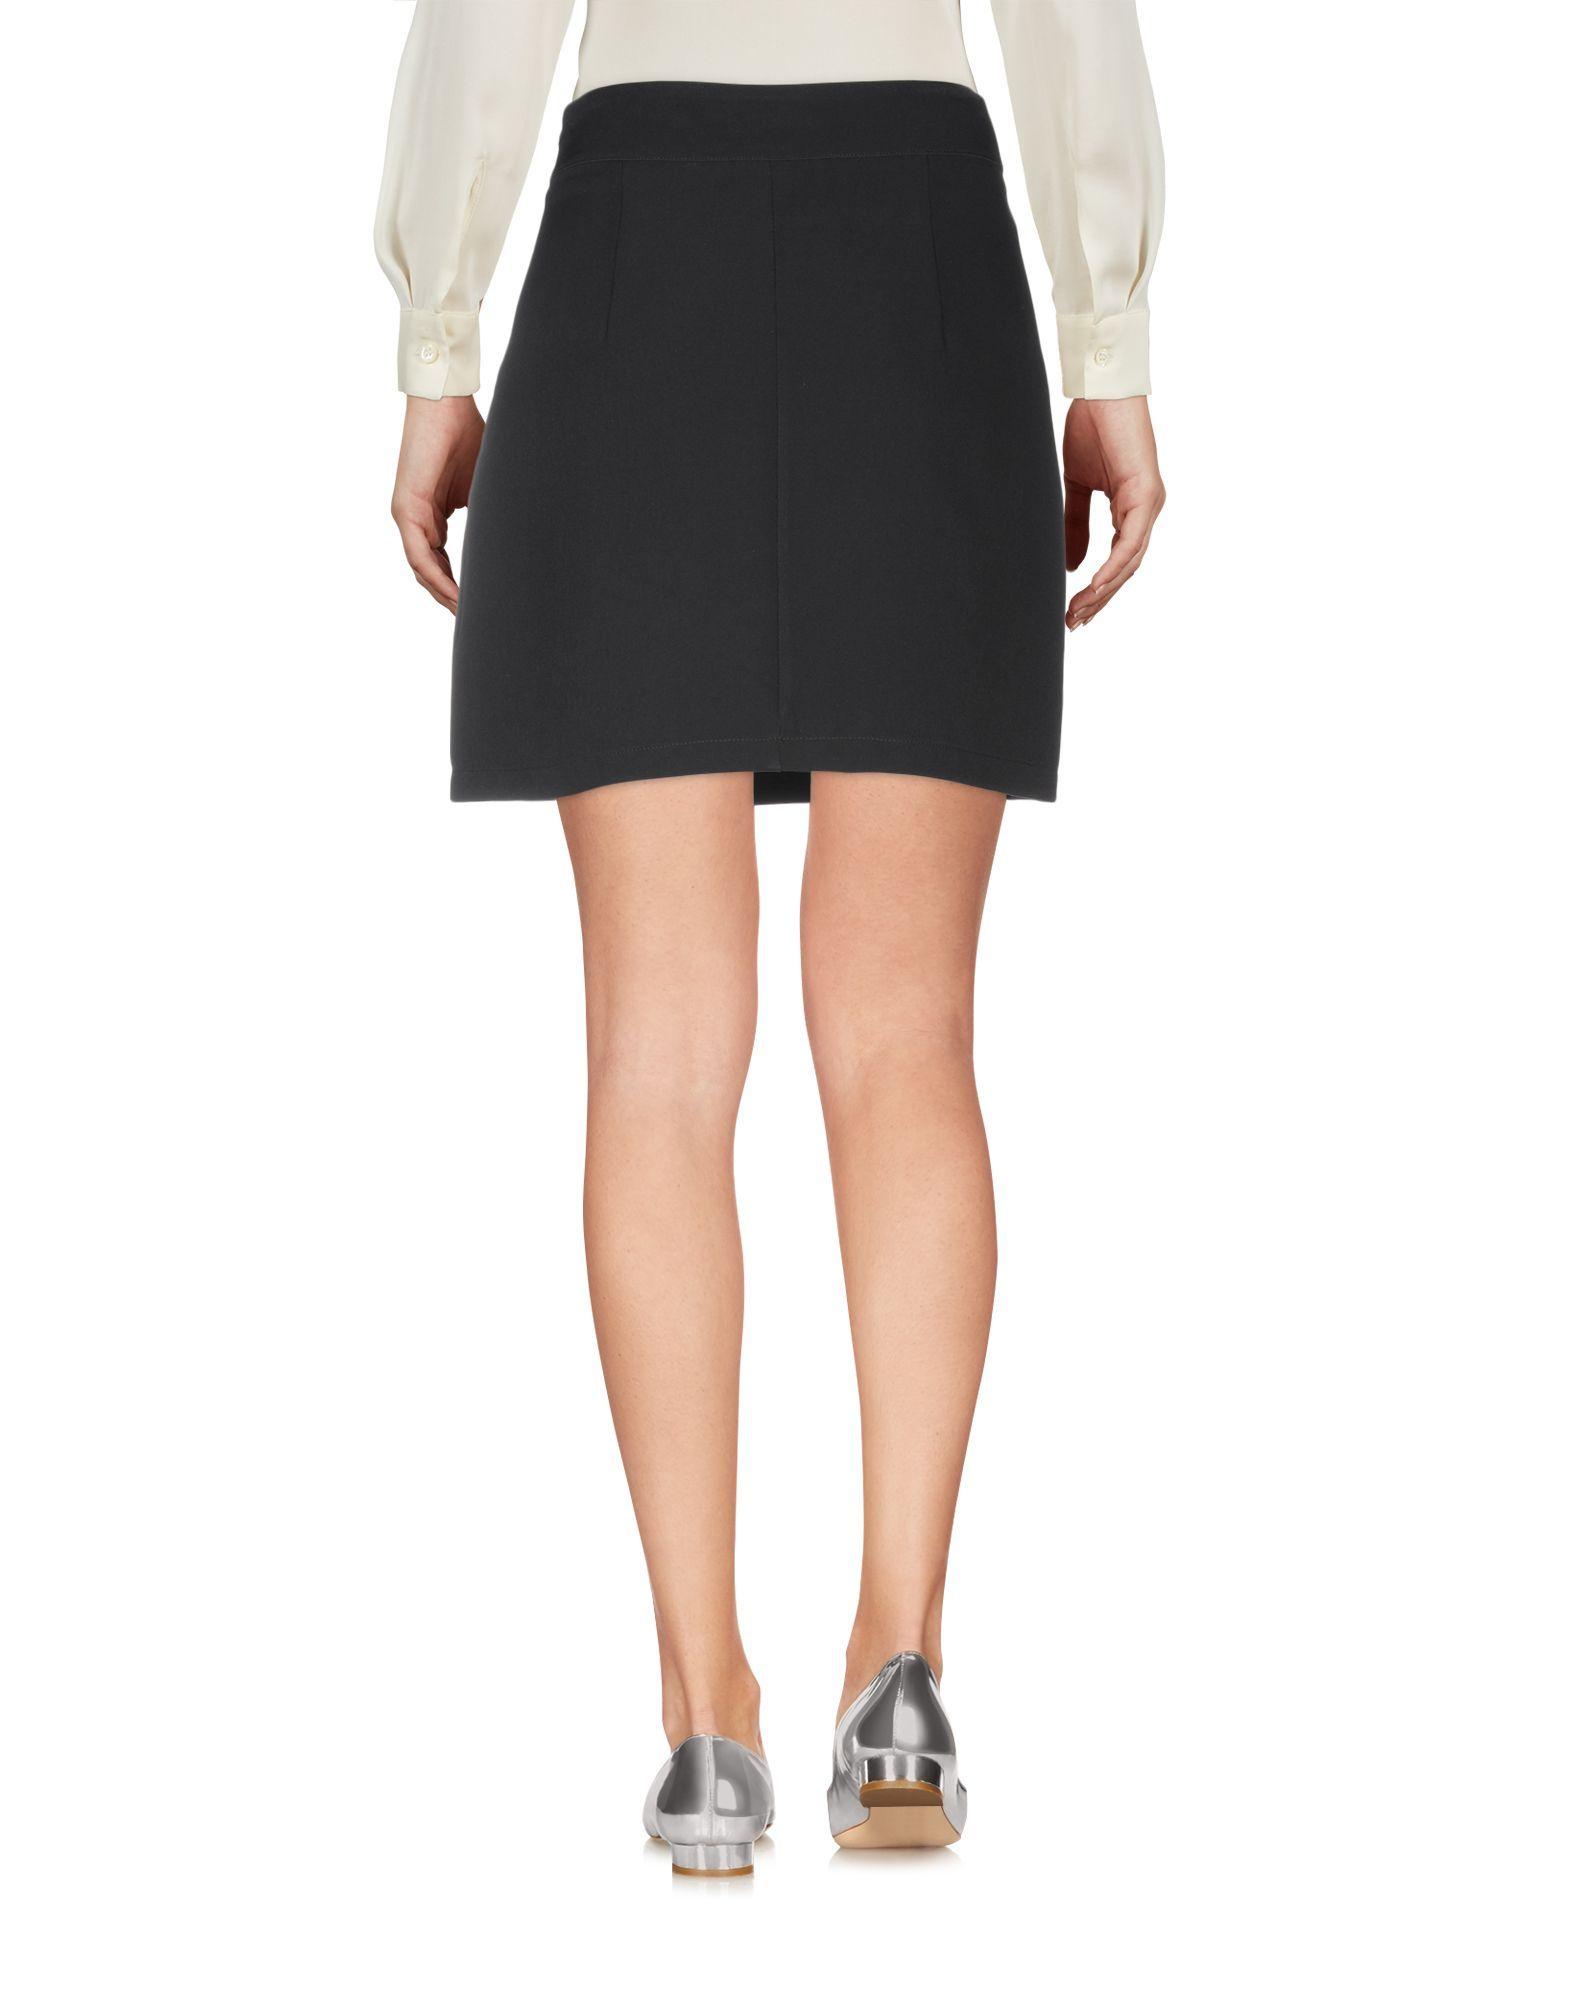 Mangano Black Crepe Embellished Skirt